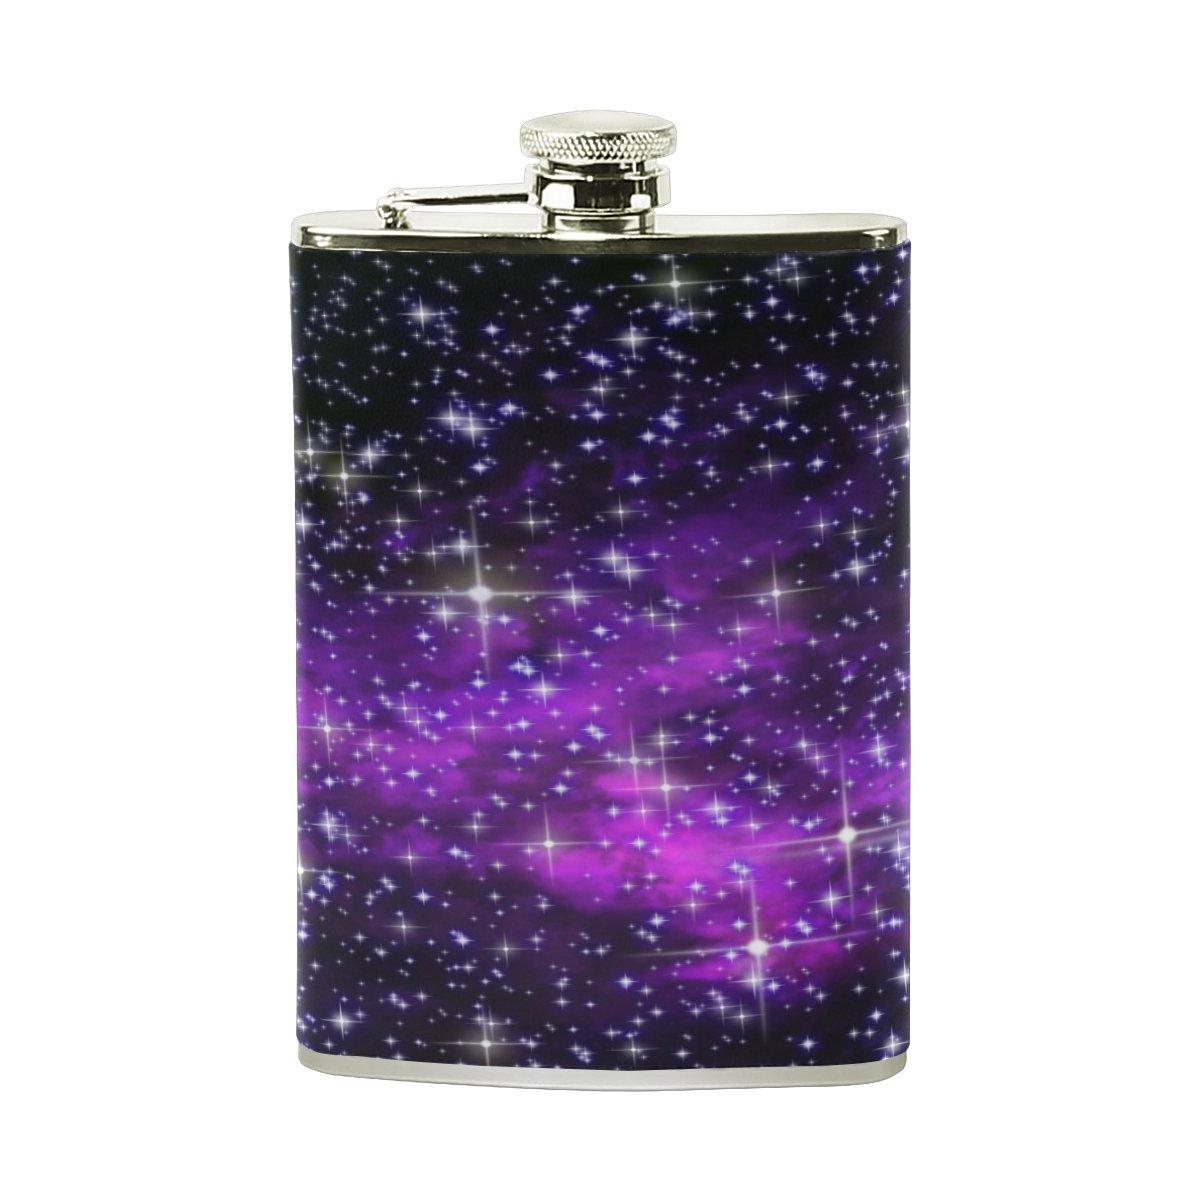 【超特価】 Alaza Galaxy 100 Nebulaヒップフラスコステンレススチール8オンスポケットショットのフラスコLiquor Whiskey VodkaラムPUレザーWrapped 100 Leak % Leak Proof % B075ZRRSVF, 伊根町:667145de --- a0267596.xsph.ru